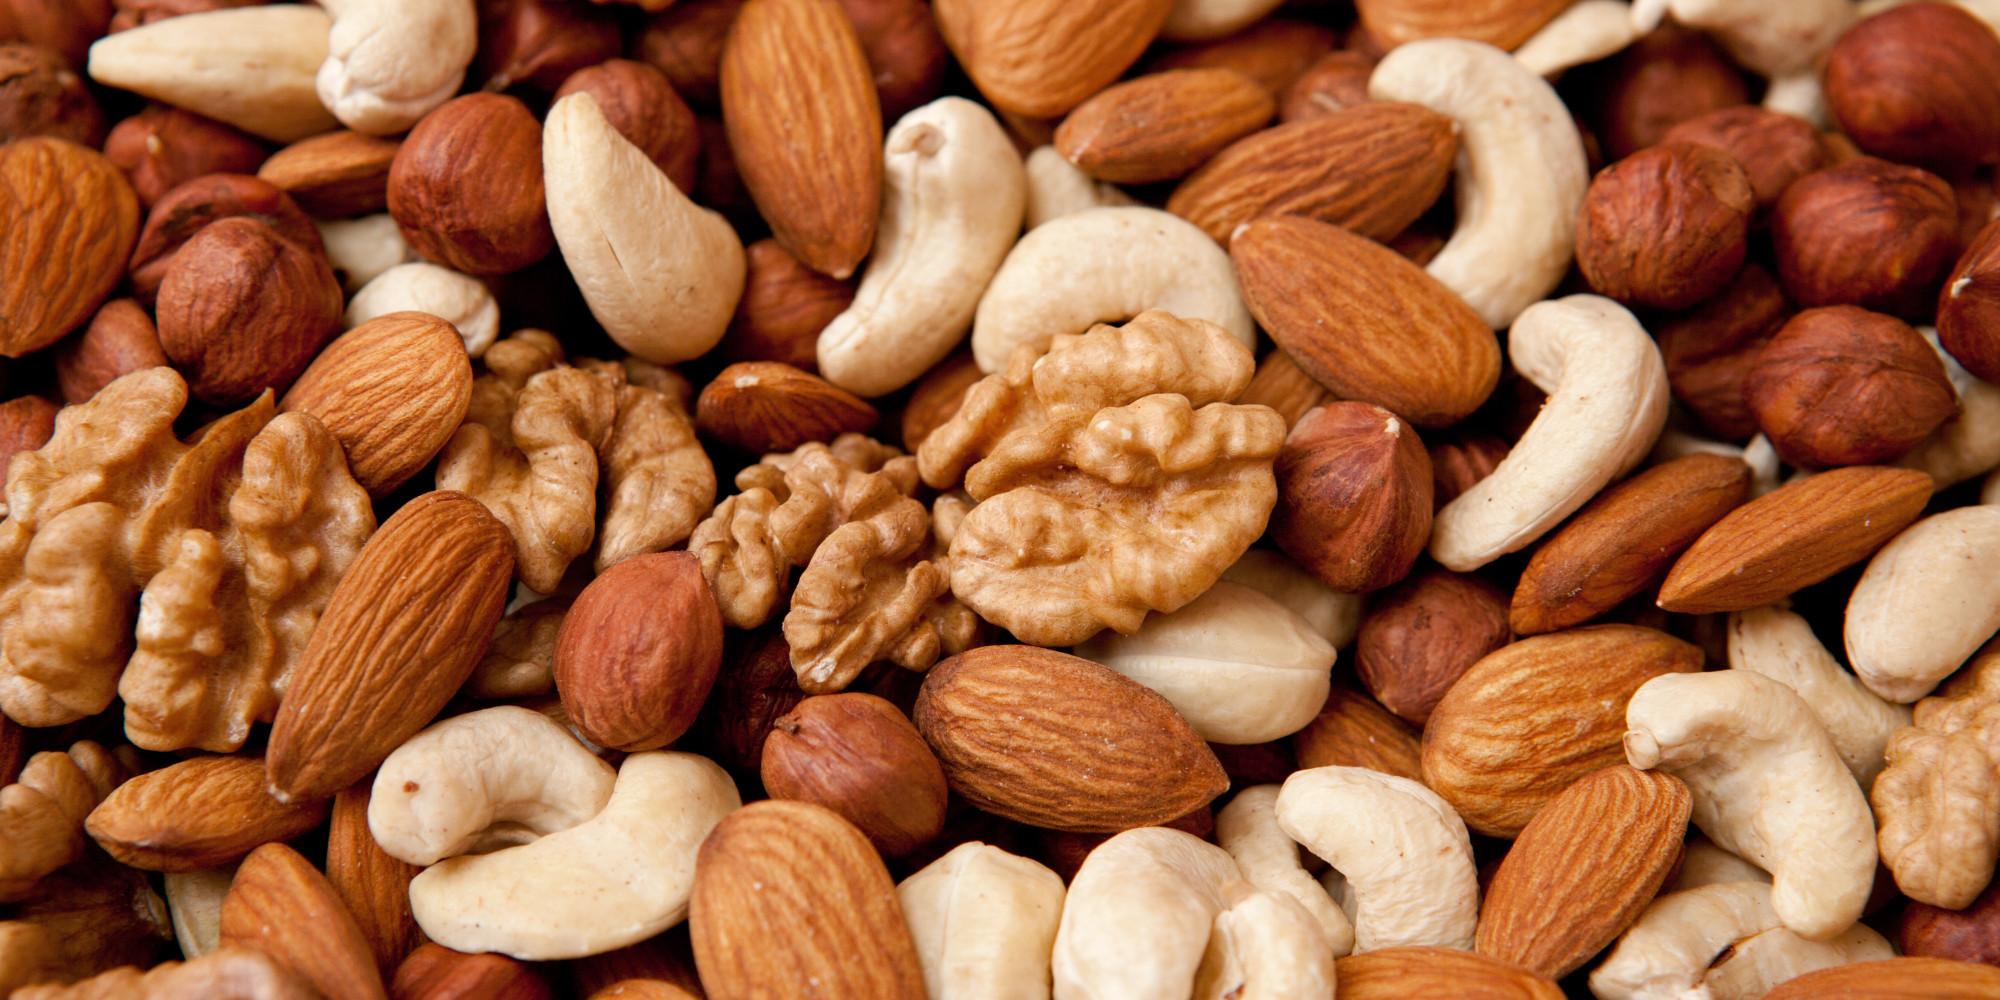 تناول المكسرات يساعد على خفض مستوى الالتهابات في الجسم